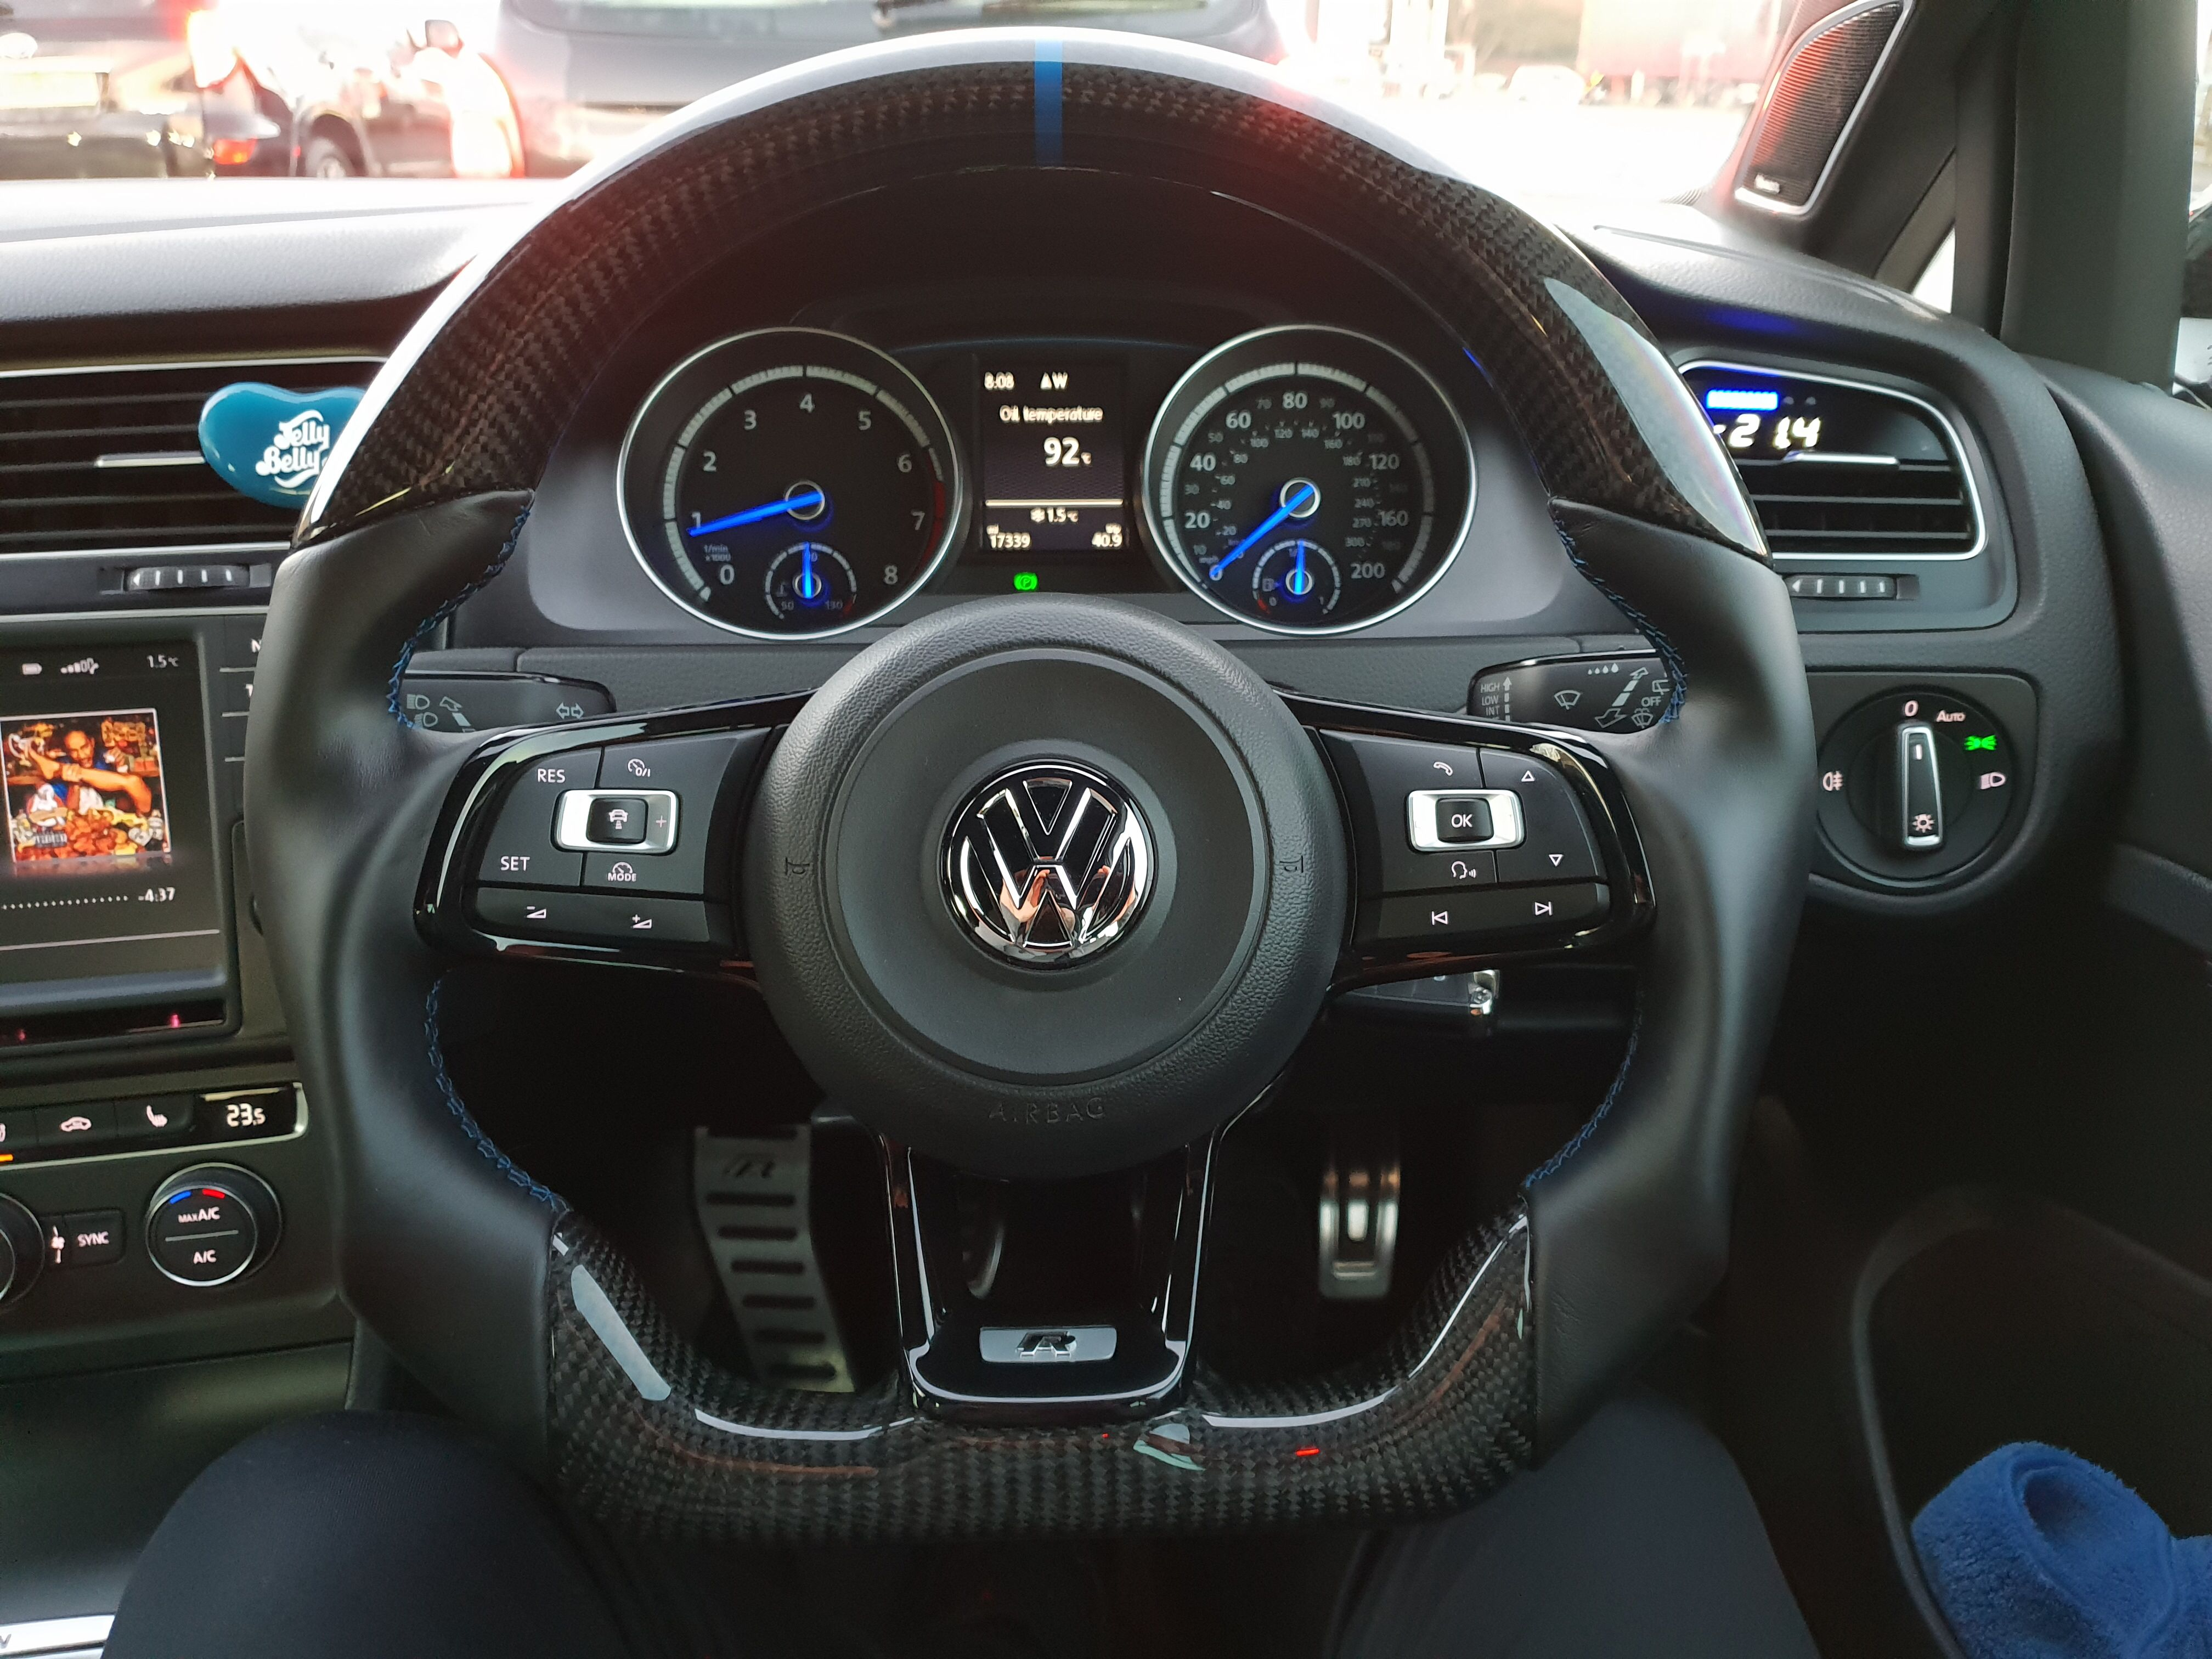 Vw Golf R Custom Steering Wheel Steering Wheel Steering Wheel Cover Wheel